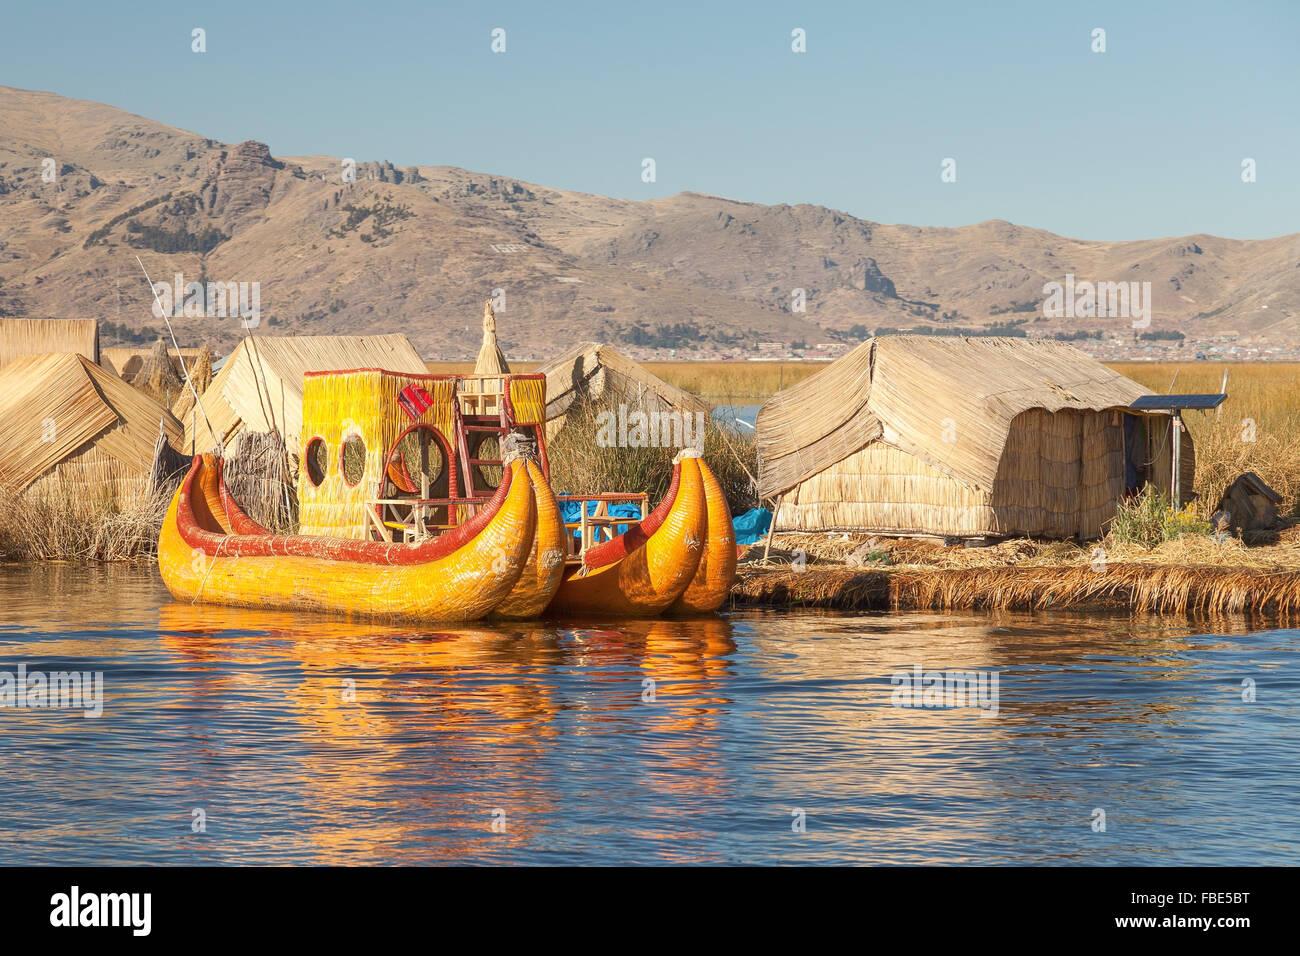 Barca a lamelle sull isola di Uros. Quelli sono isole galleggianti sul lago Titicaca situato tra il Perù e Bolivia. Foto Stock